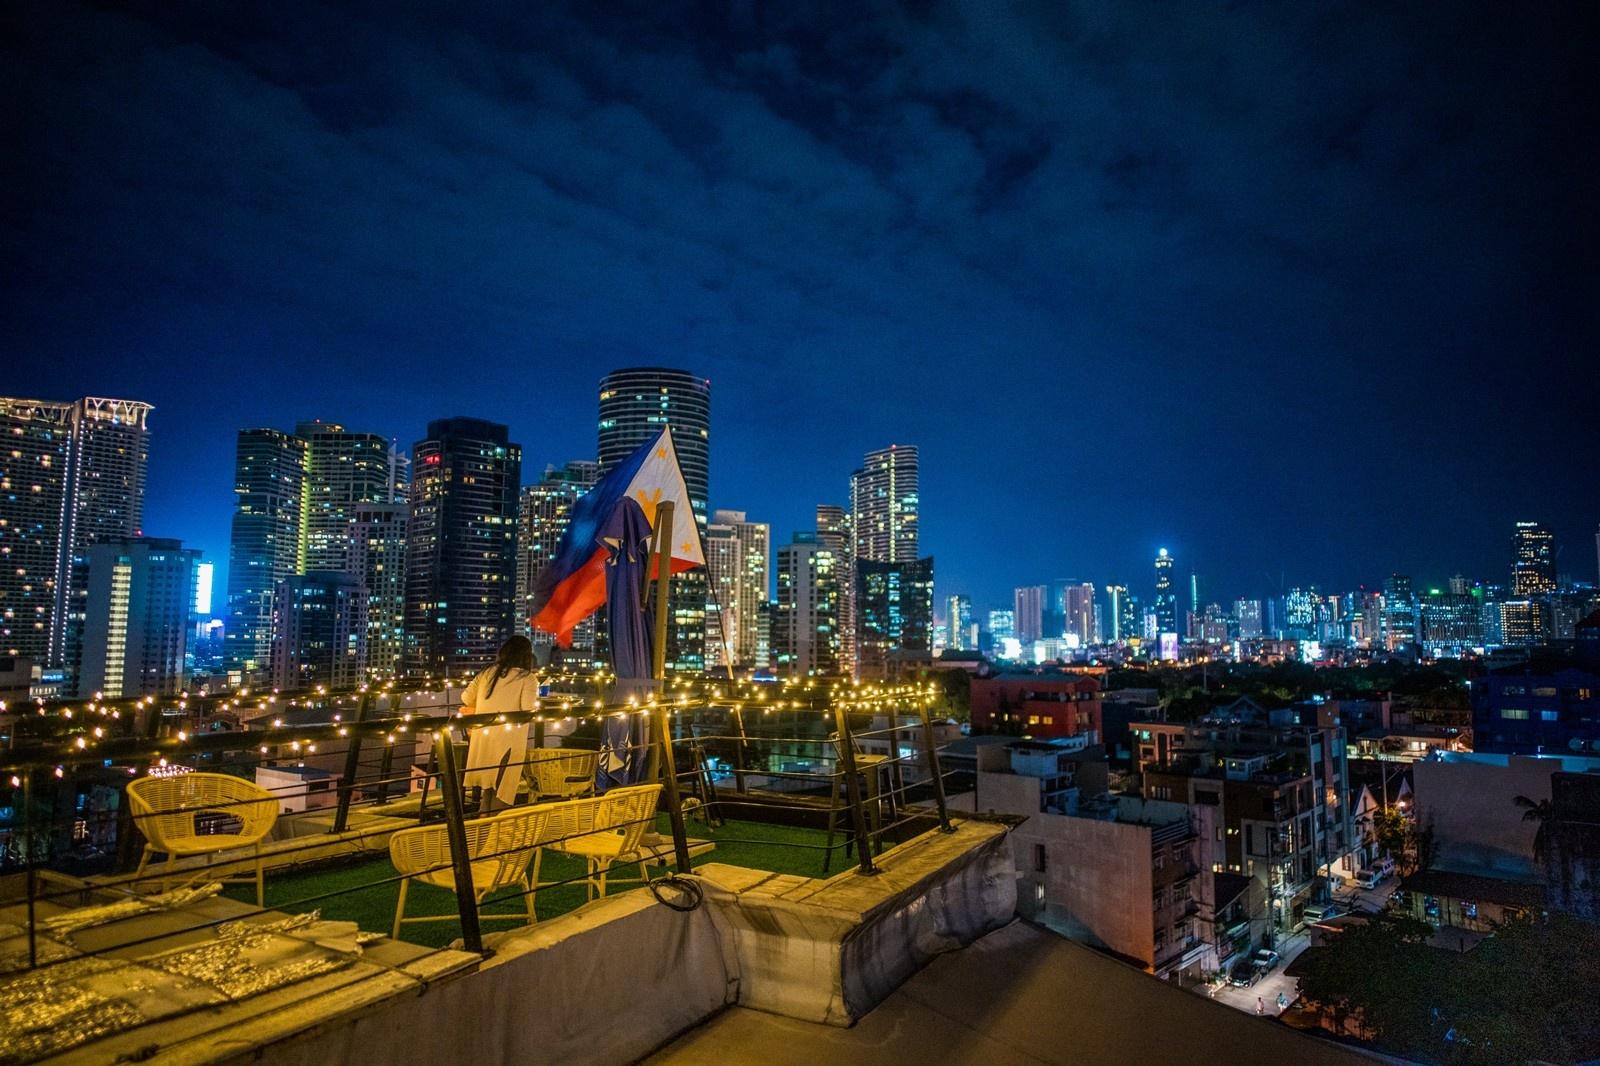 Manila chat vat hoi sinh cuoc song ve dem anh 8